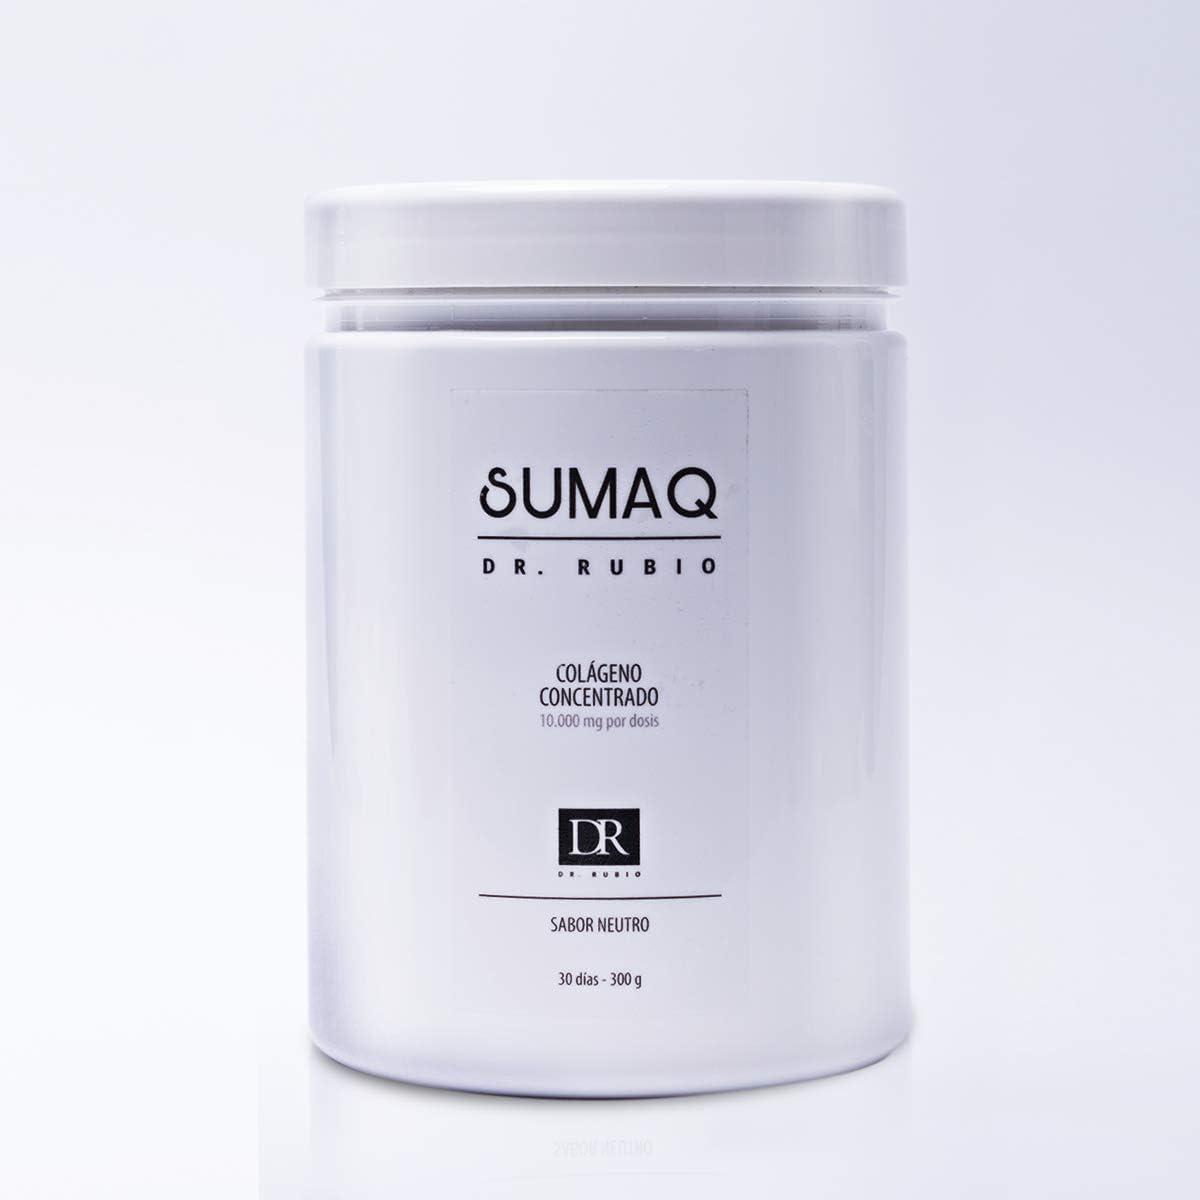 SUMAQ - DR.RUBIO Colágeno Hidrolizado Concentrado